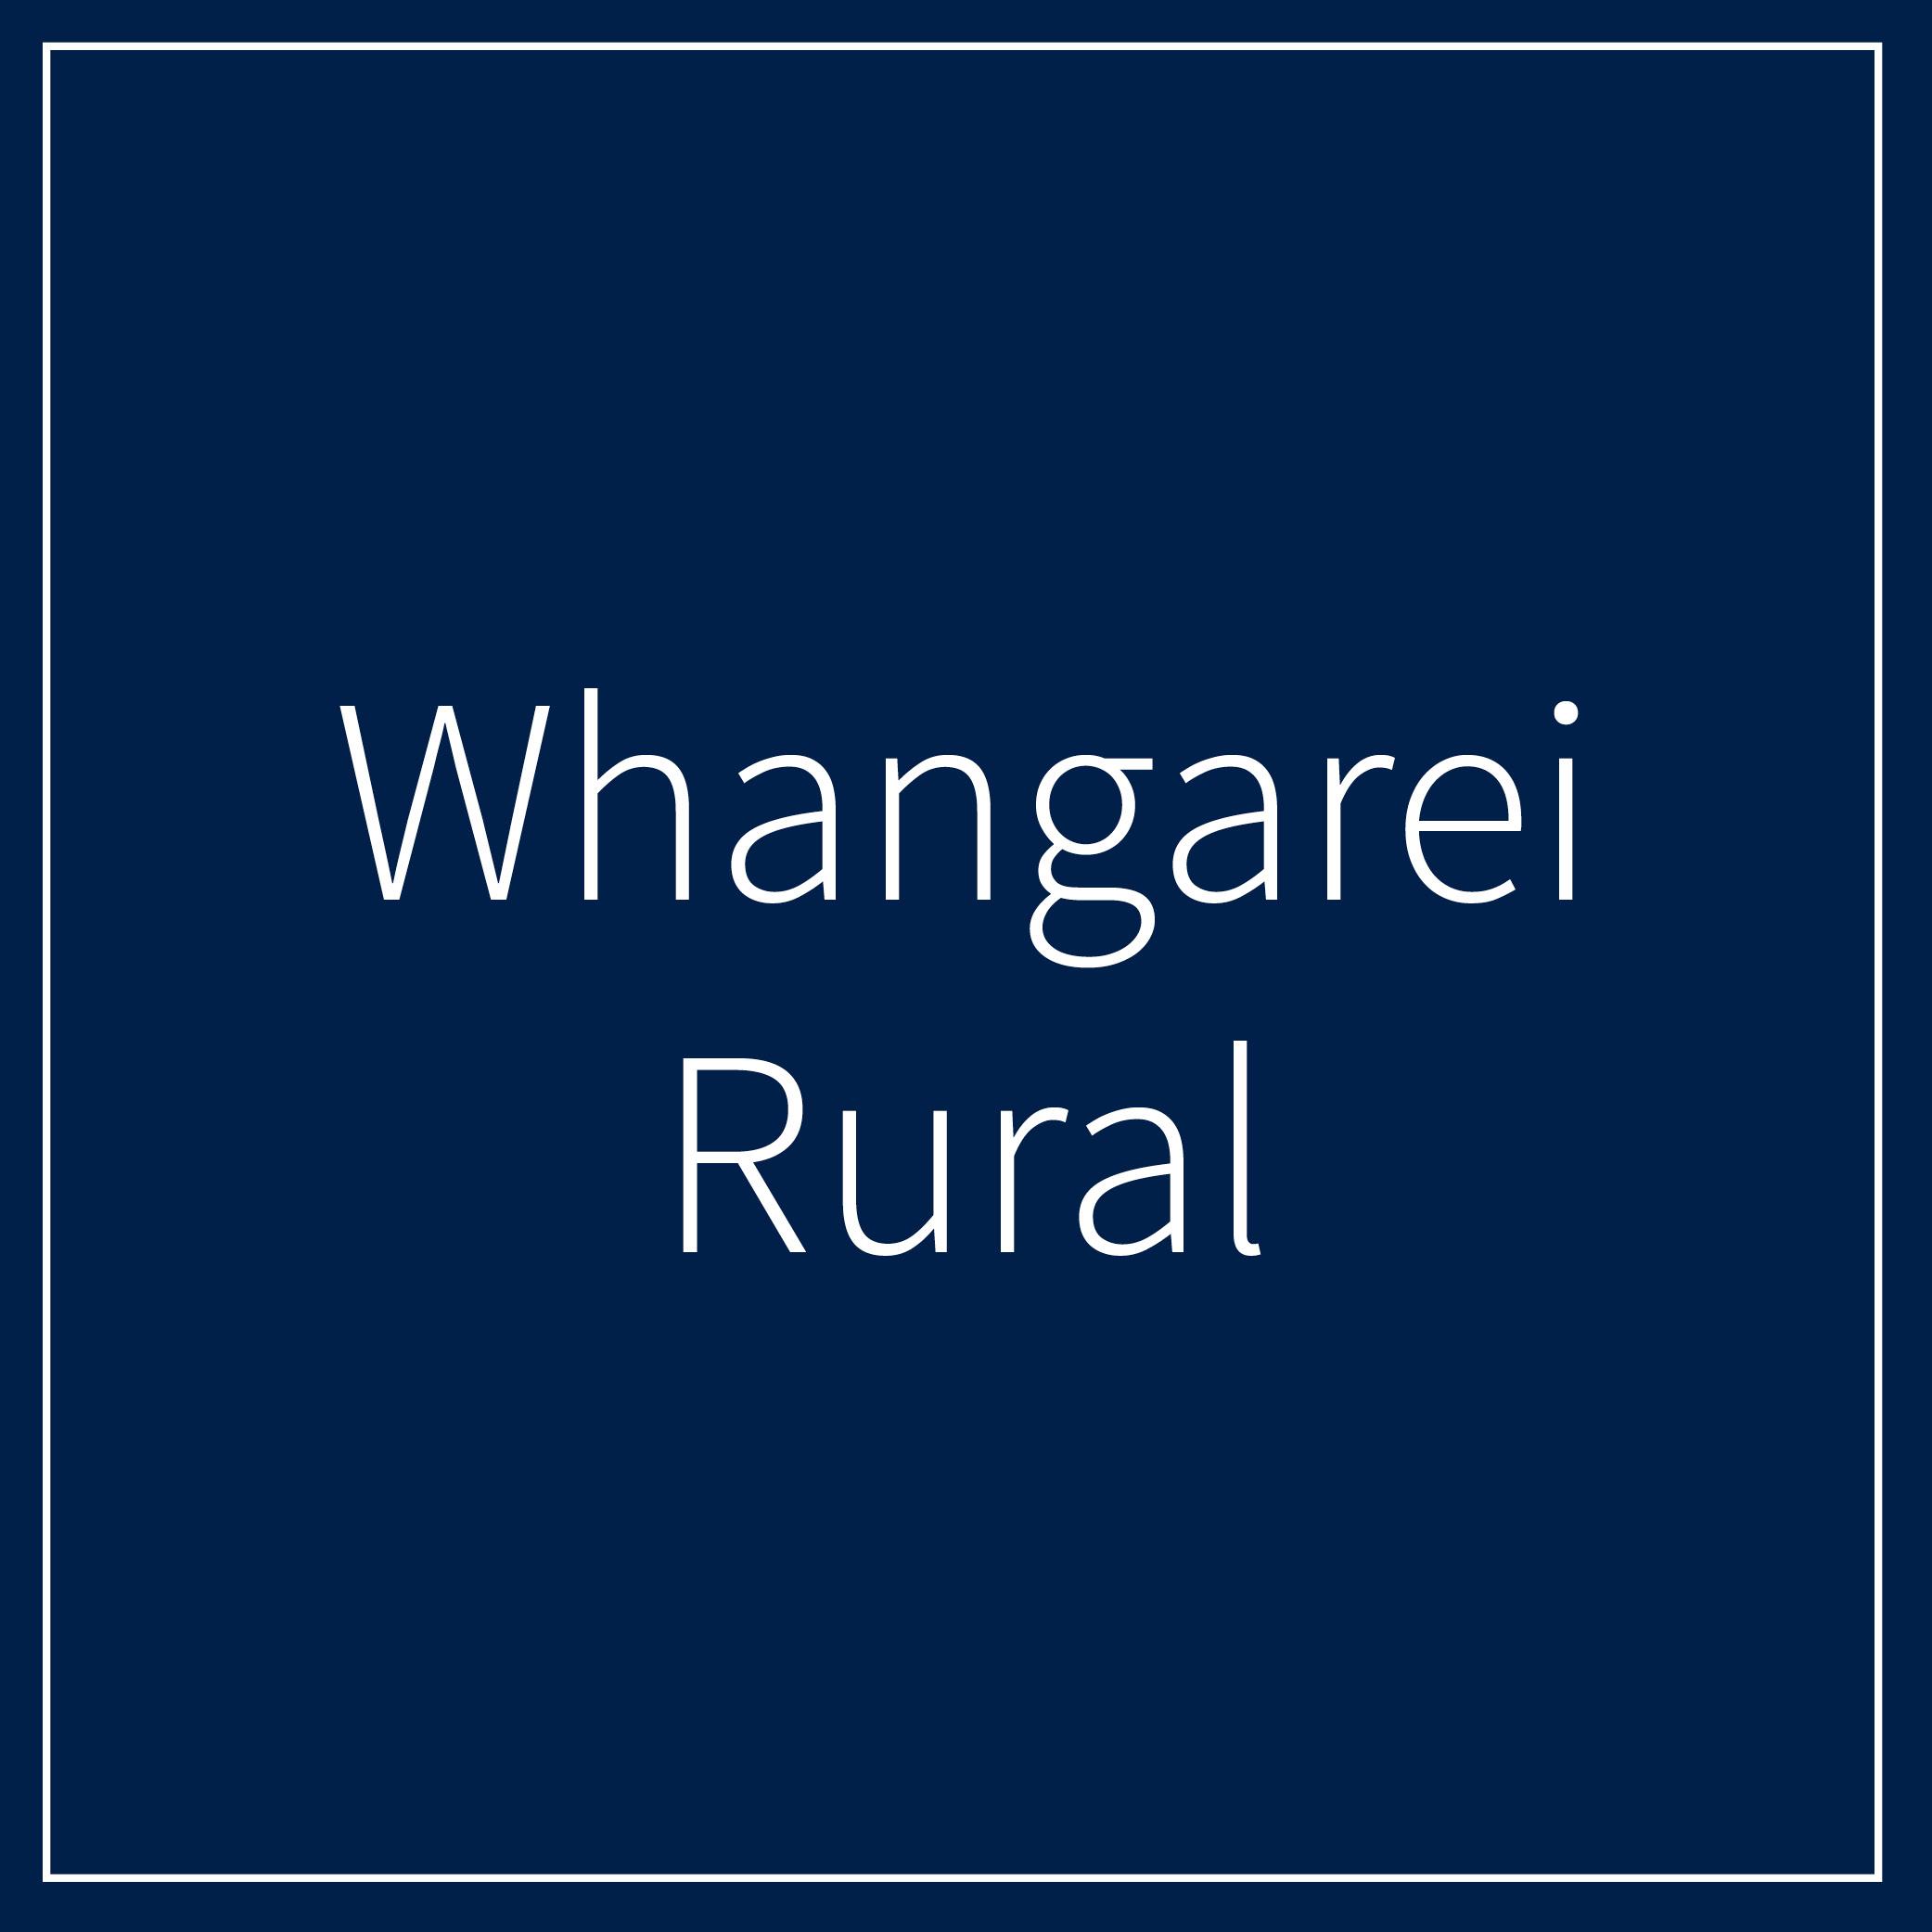 WHG Rural.jpg